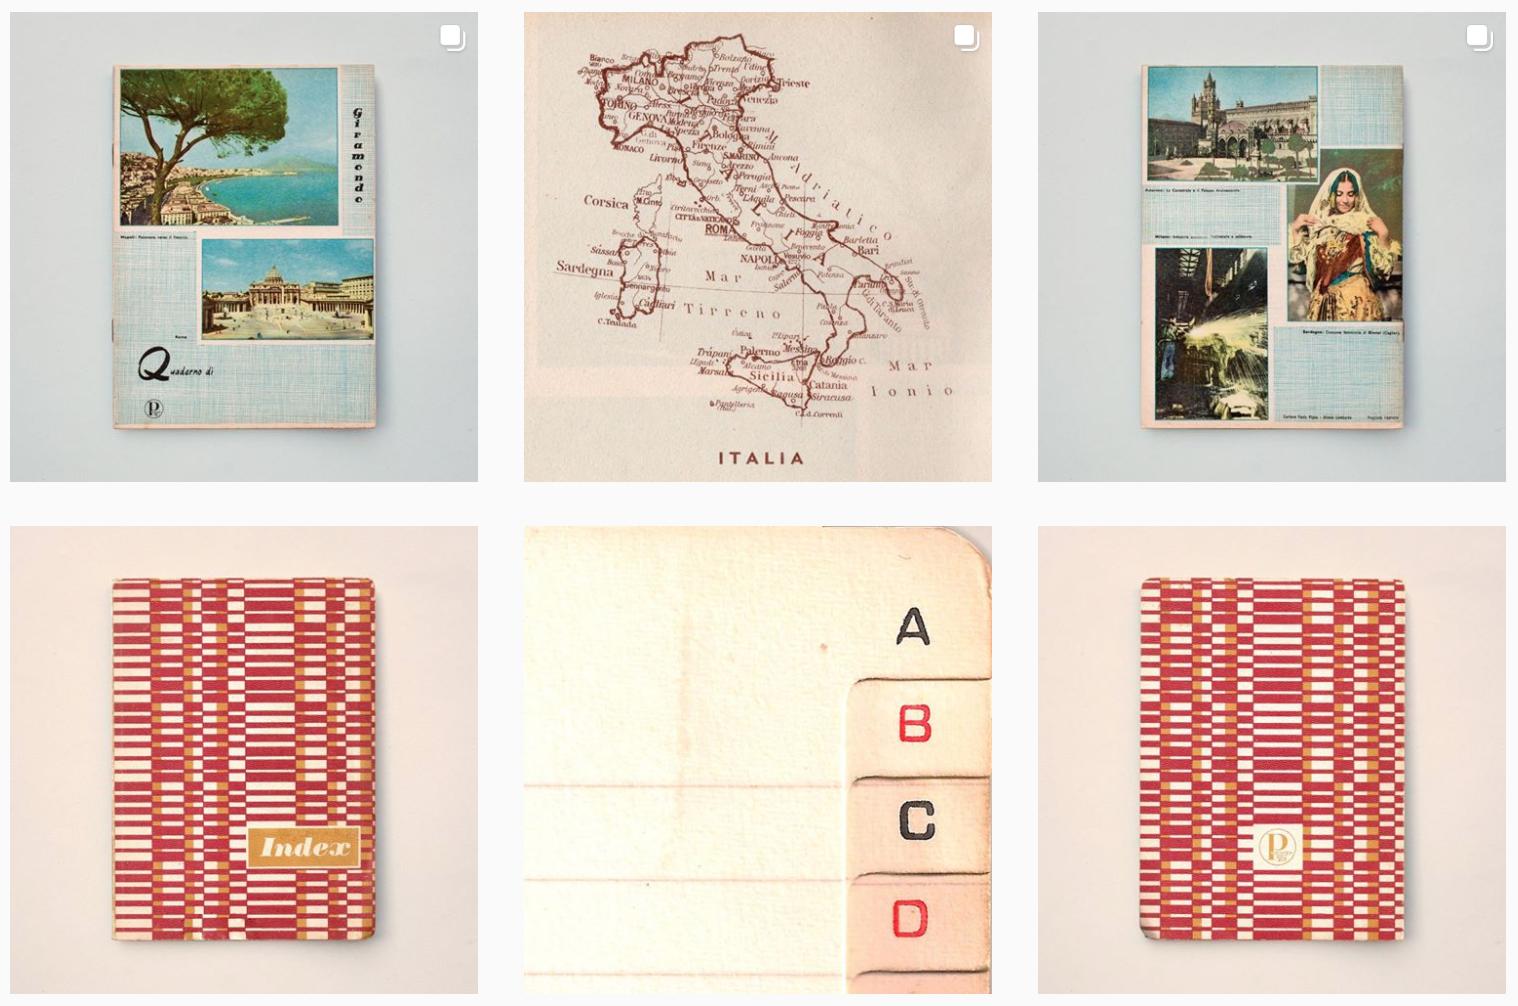 Quadernetto, l'account per sentire il profumo della carta su Instagram